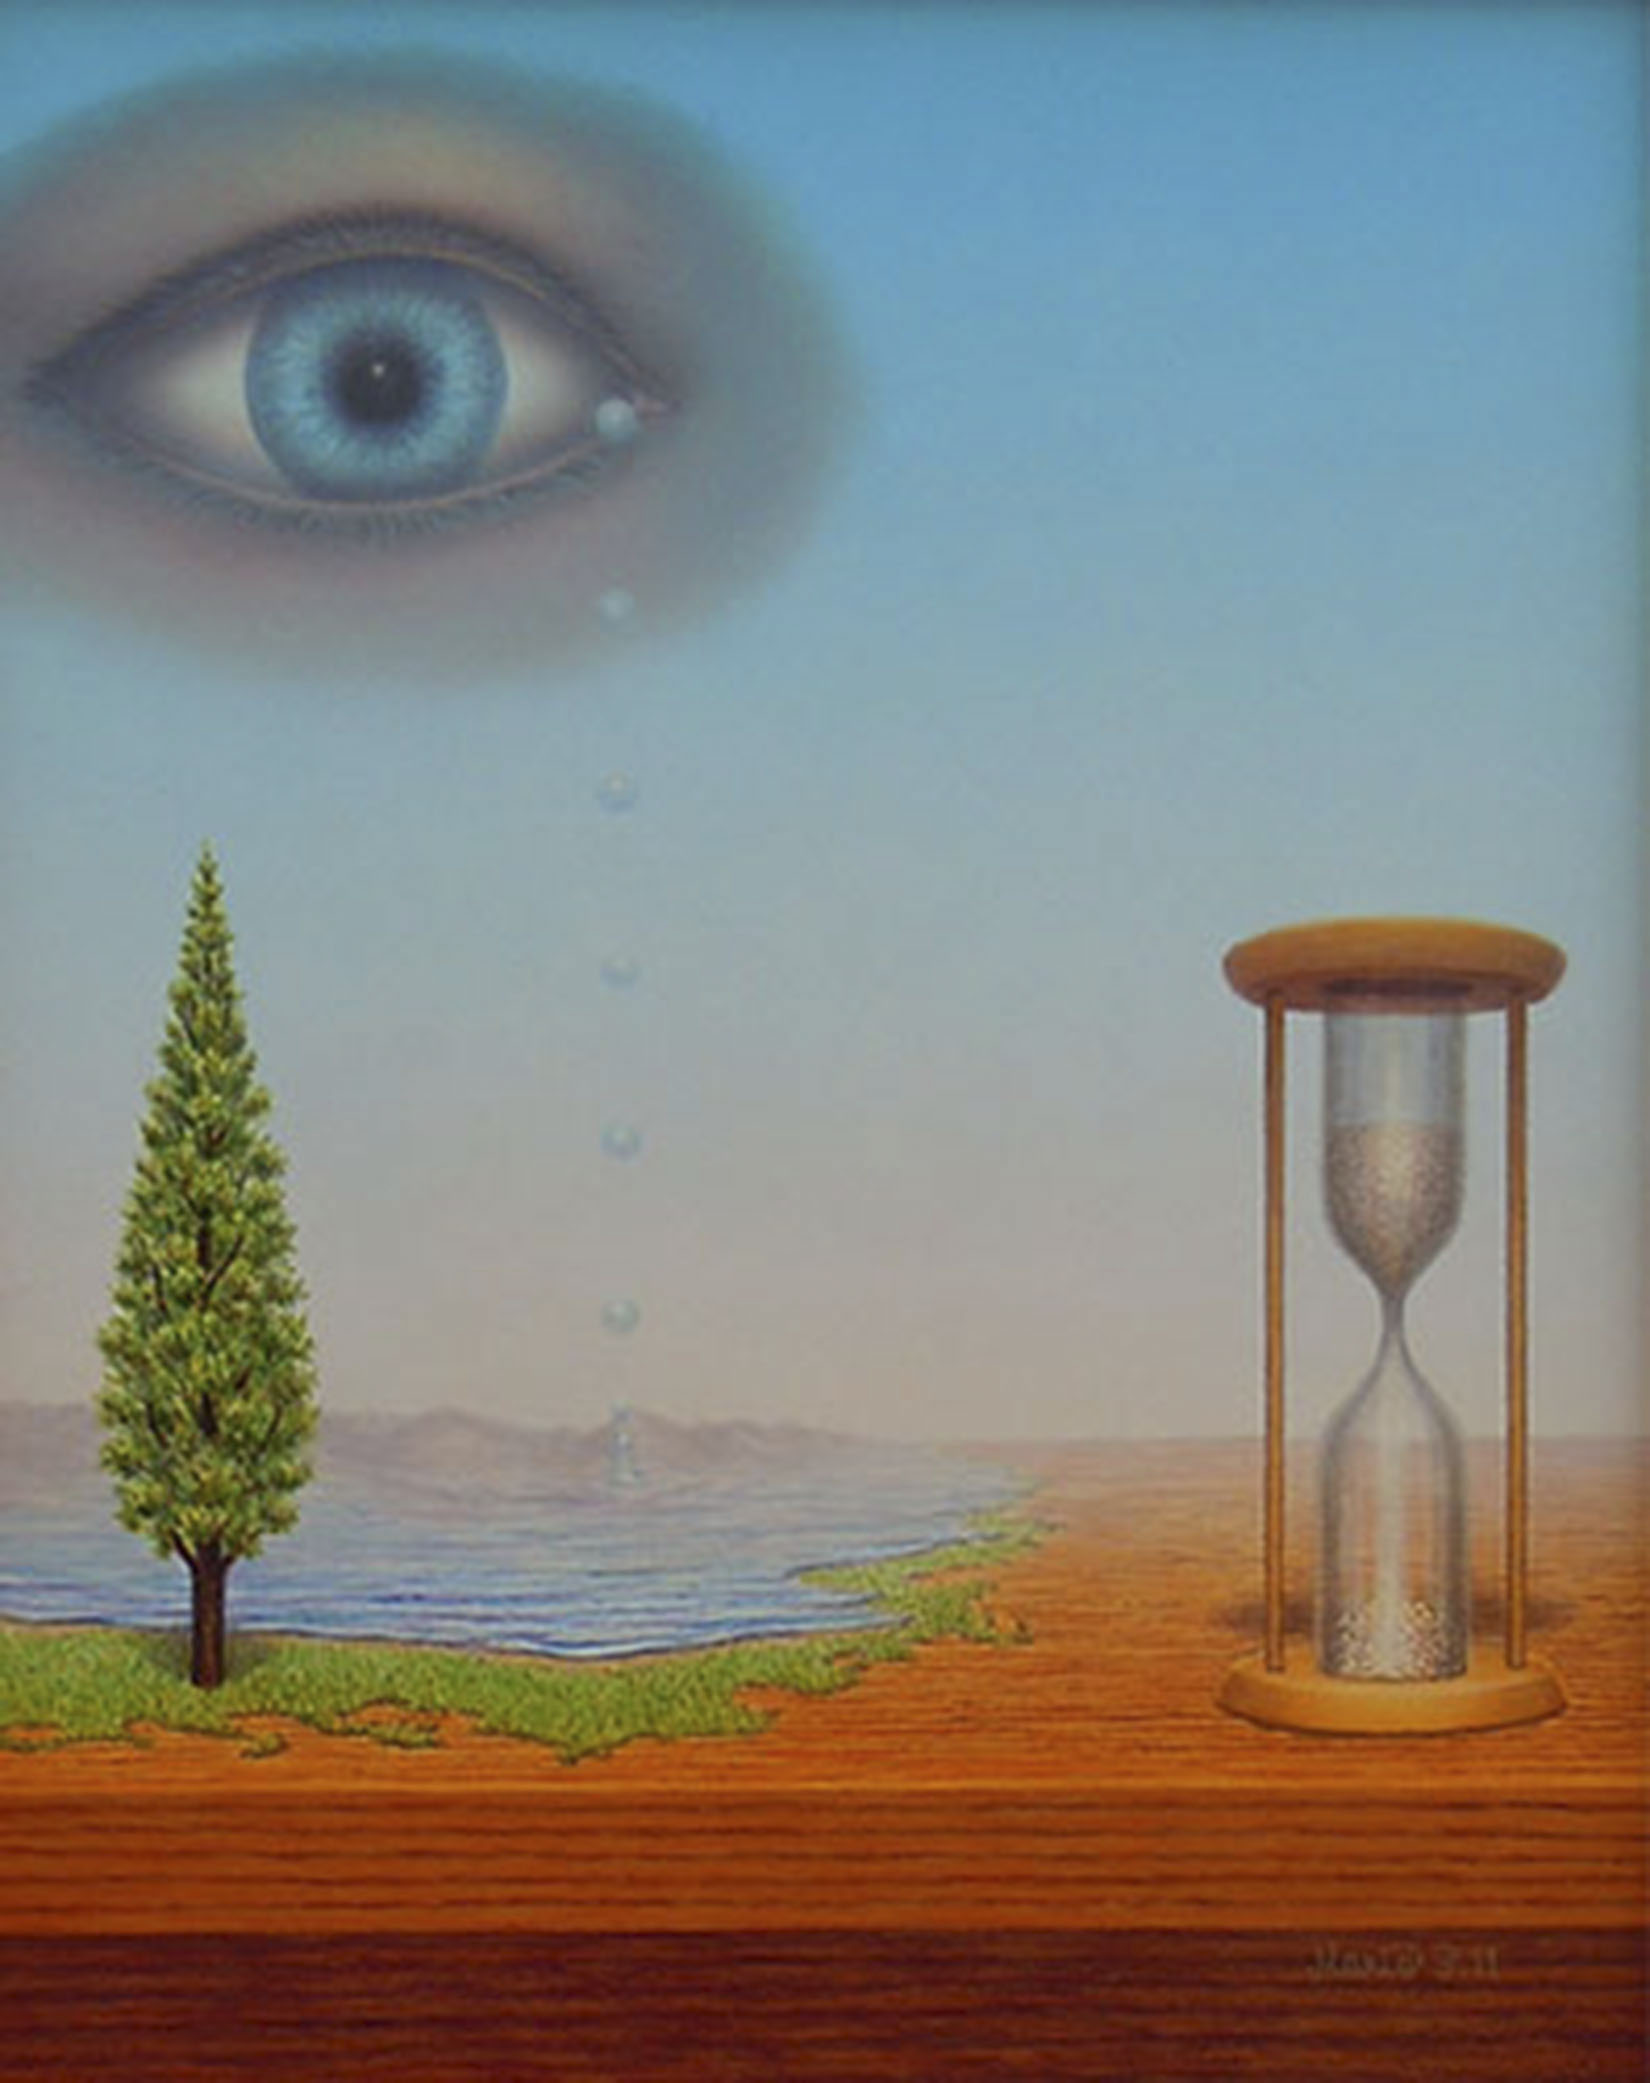 Die Zeit heilt alle Wunden_Mario SCHLEINZER (25cmx20cm)Farbstift,Acryl,Harzölfarbe auf Hartfaserplatte | Art On Screen - [AOS] Magazine